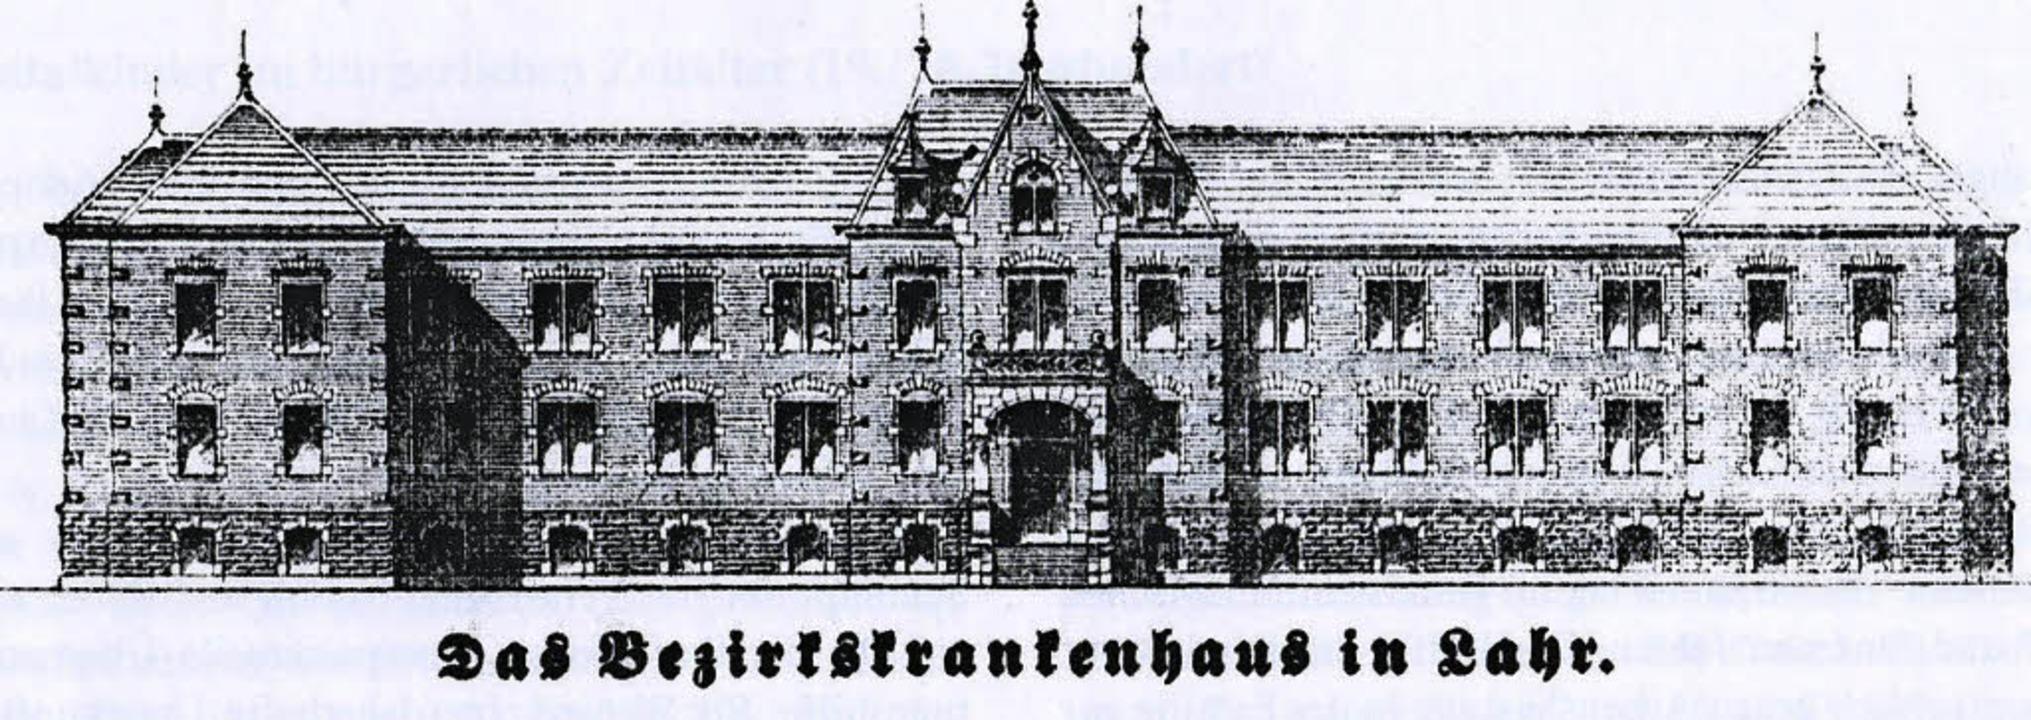 Der Plan für das Bezirkskrankenhaus aus dem Jahr 1898  | Foto: Norbert Klein